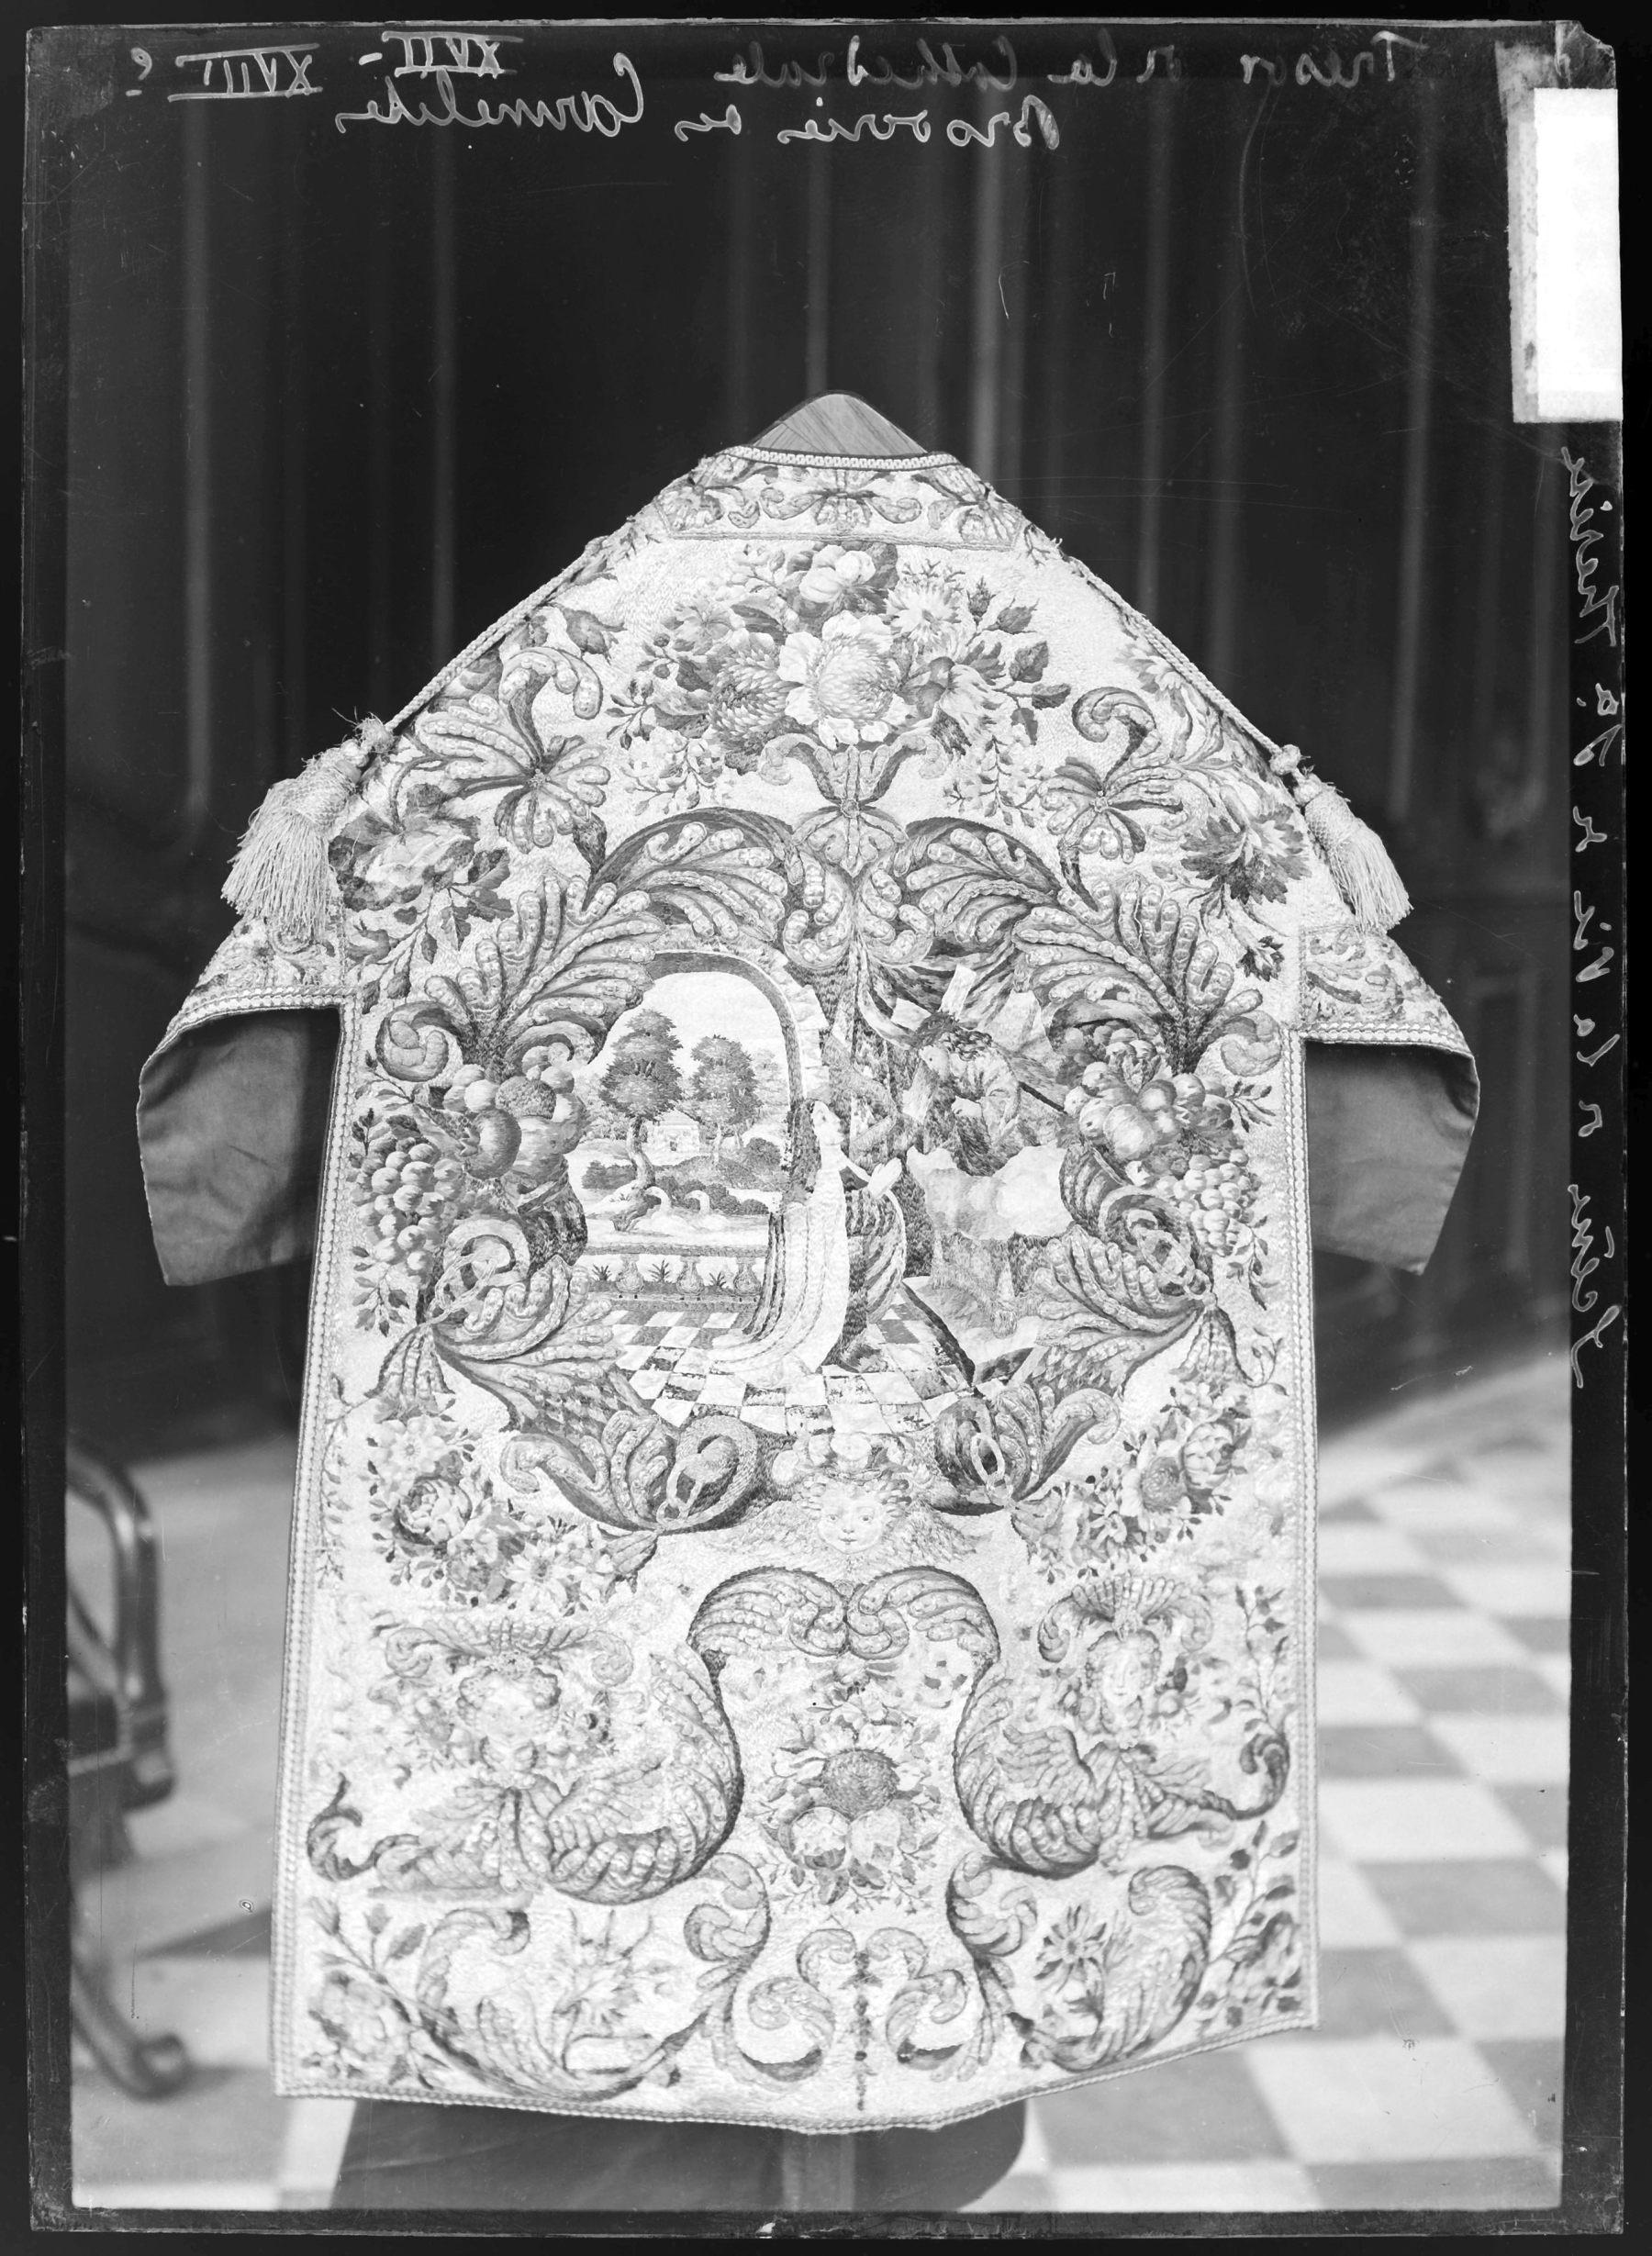 Contenu du Chasuble avec une broderie des Carmélites représentant des scènes de la vie de sainte Thérèse